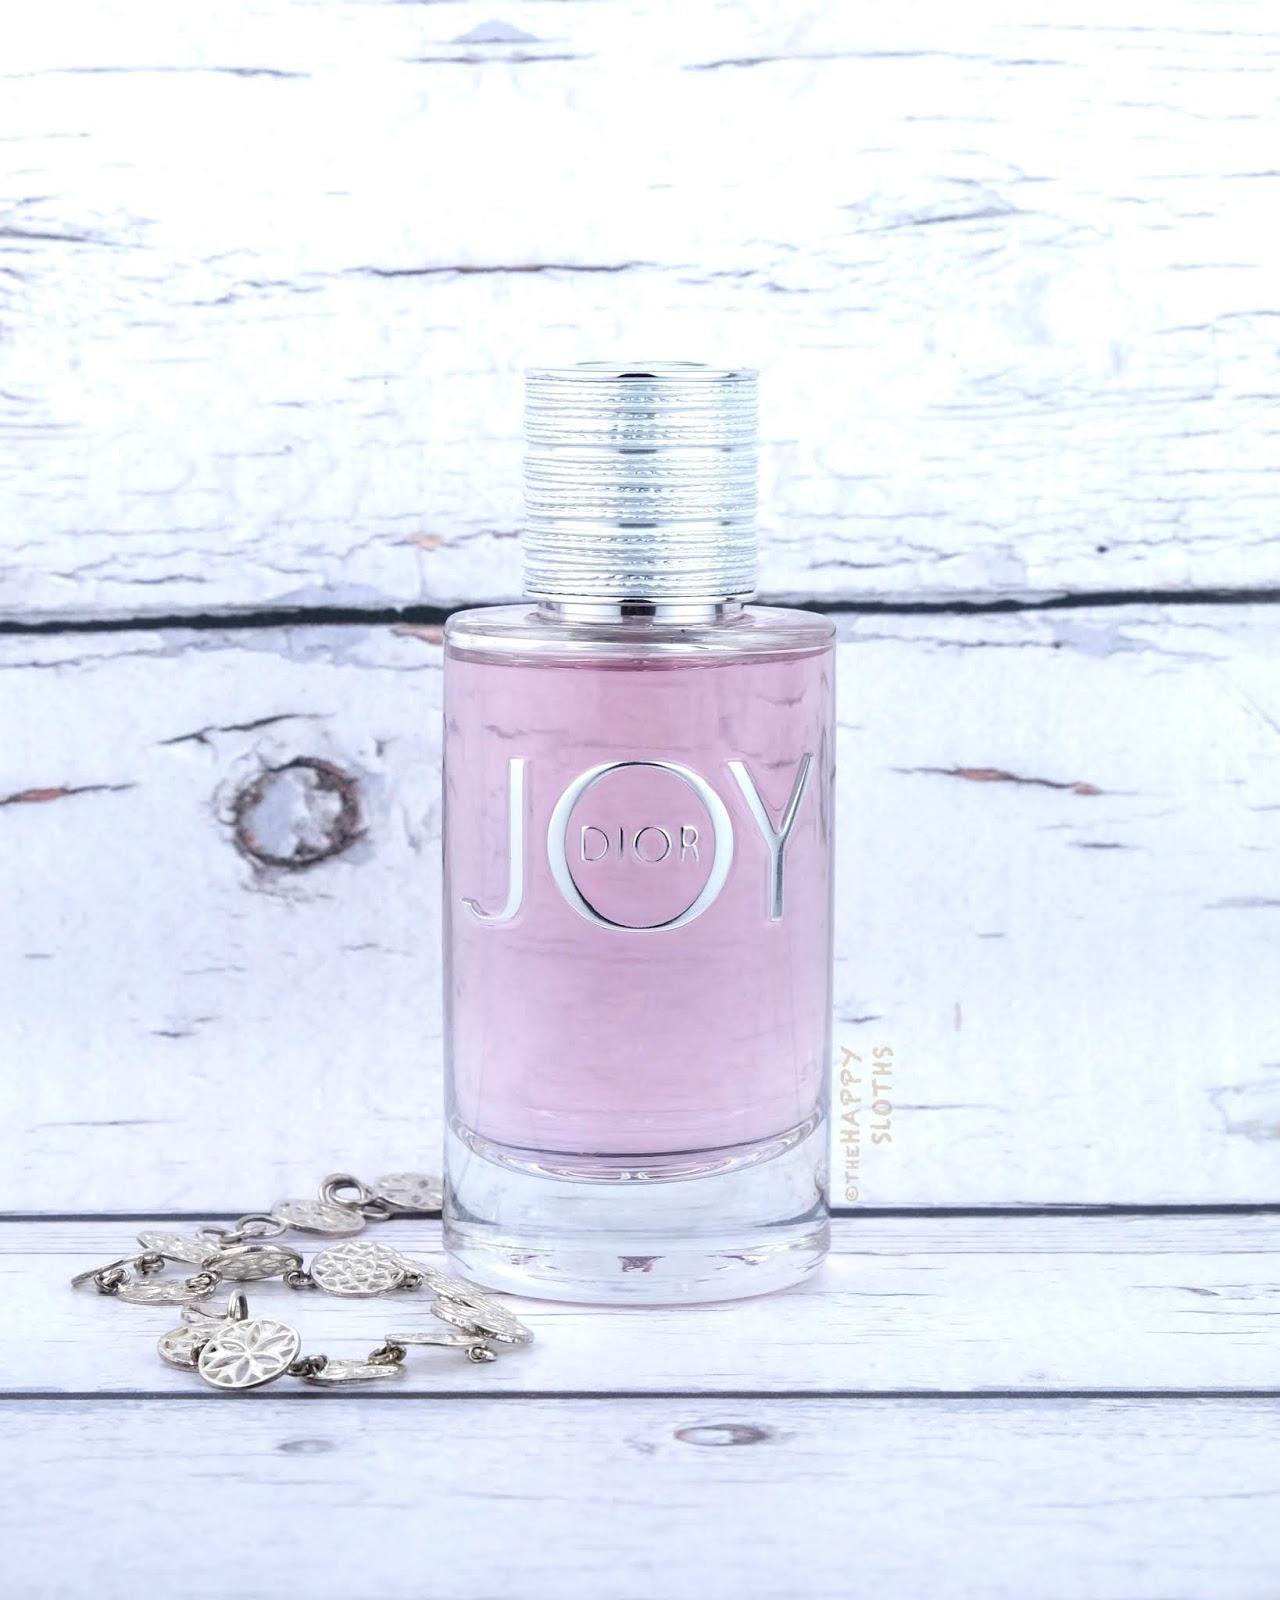 Dior Joy By Dior Eau De Parfum Review The Happy Sloths Beauty